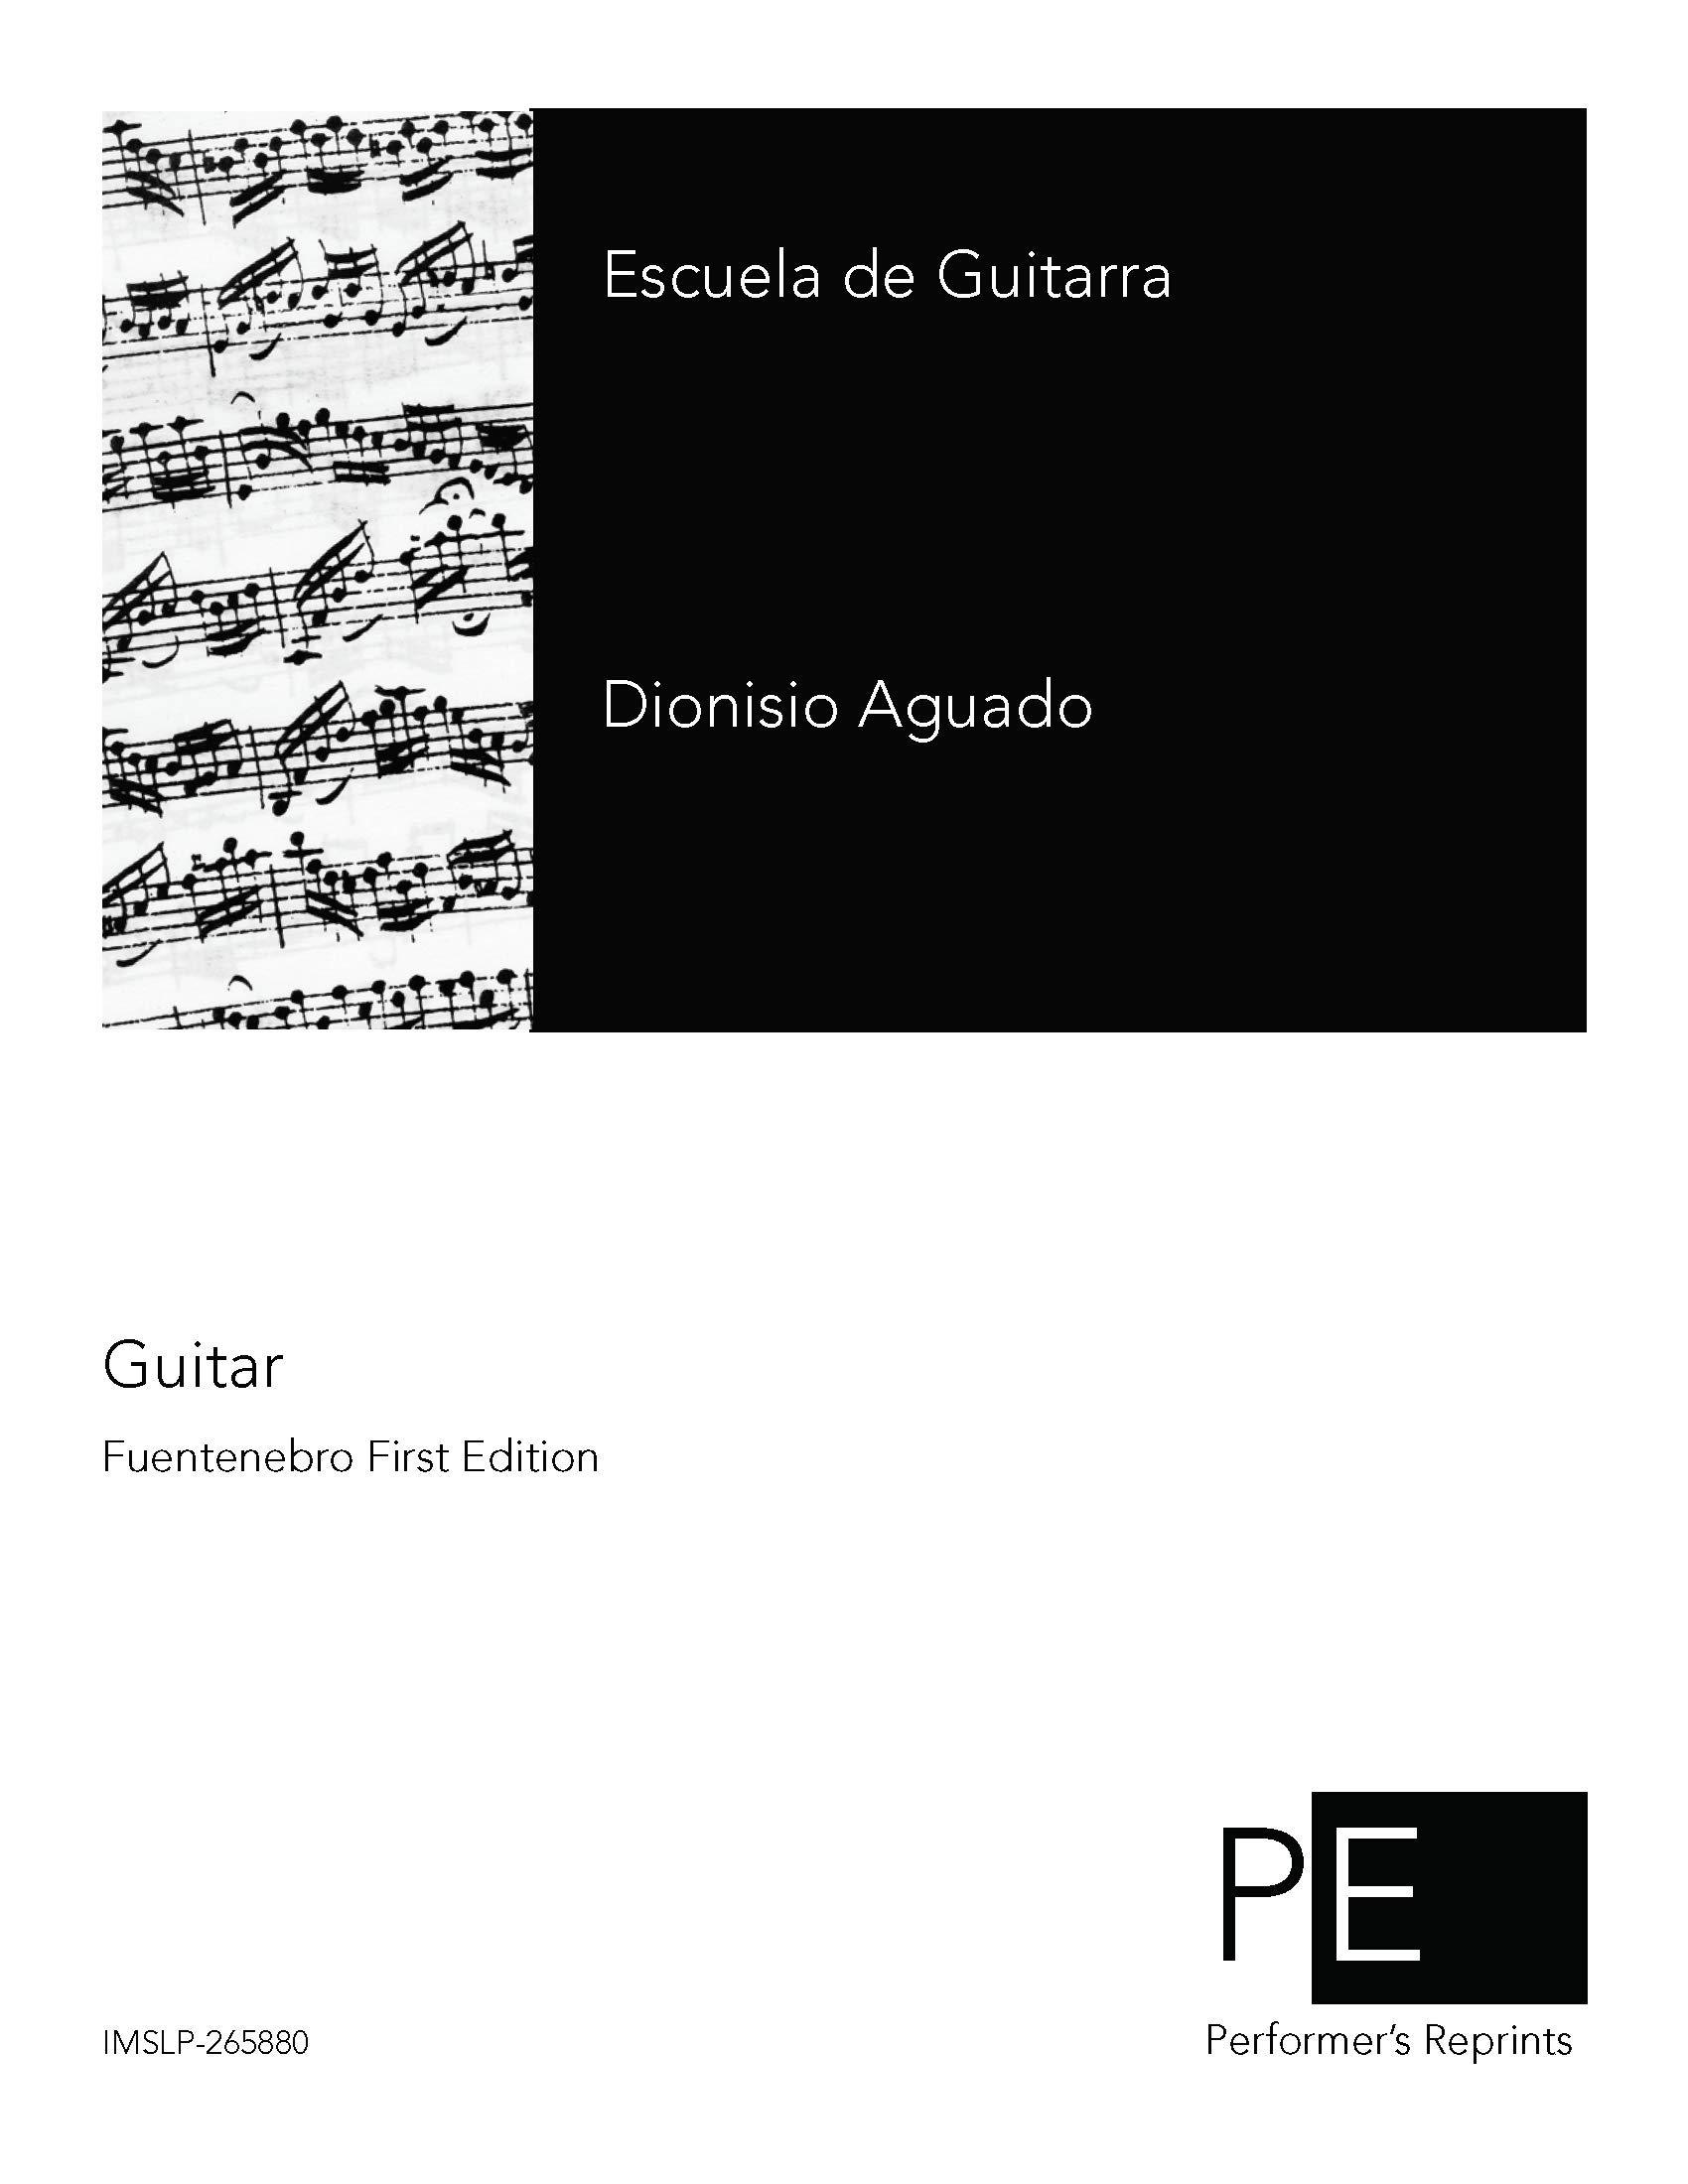 Escuela de guitarra: Amazon.es: Dionisio Aguado: Libros